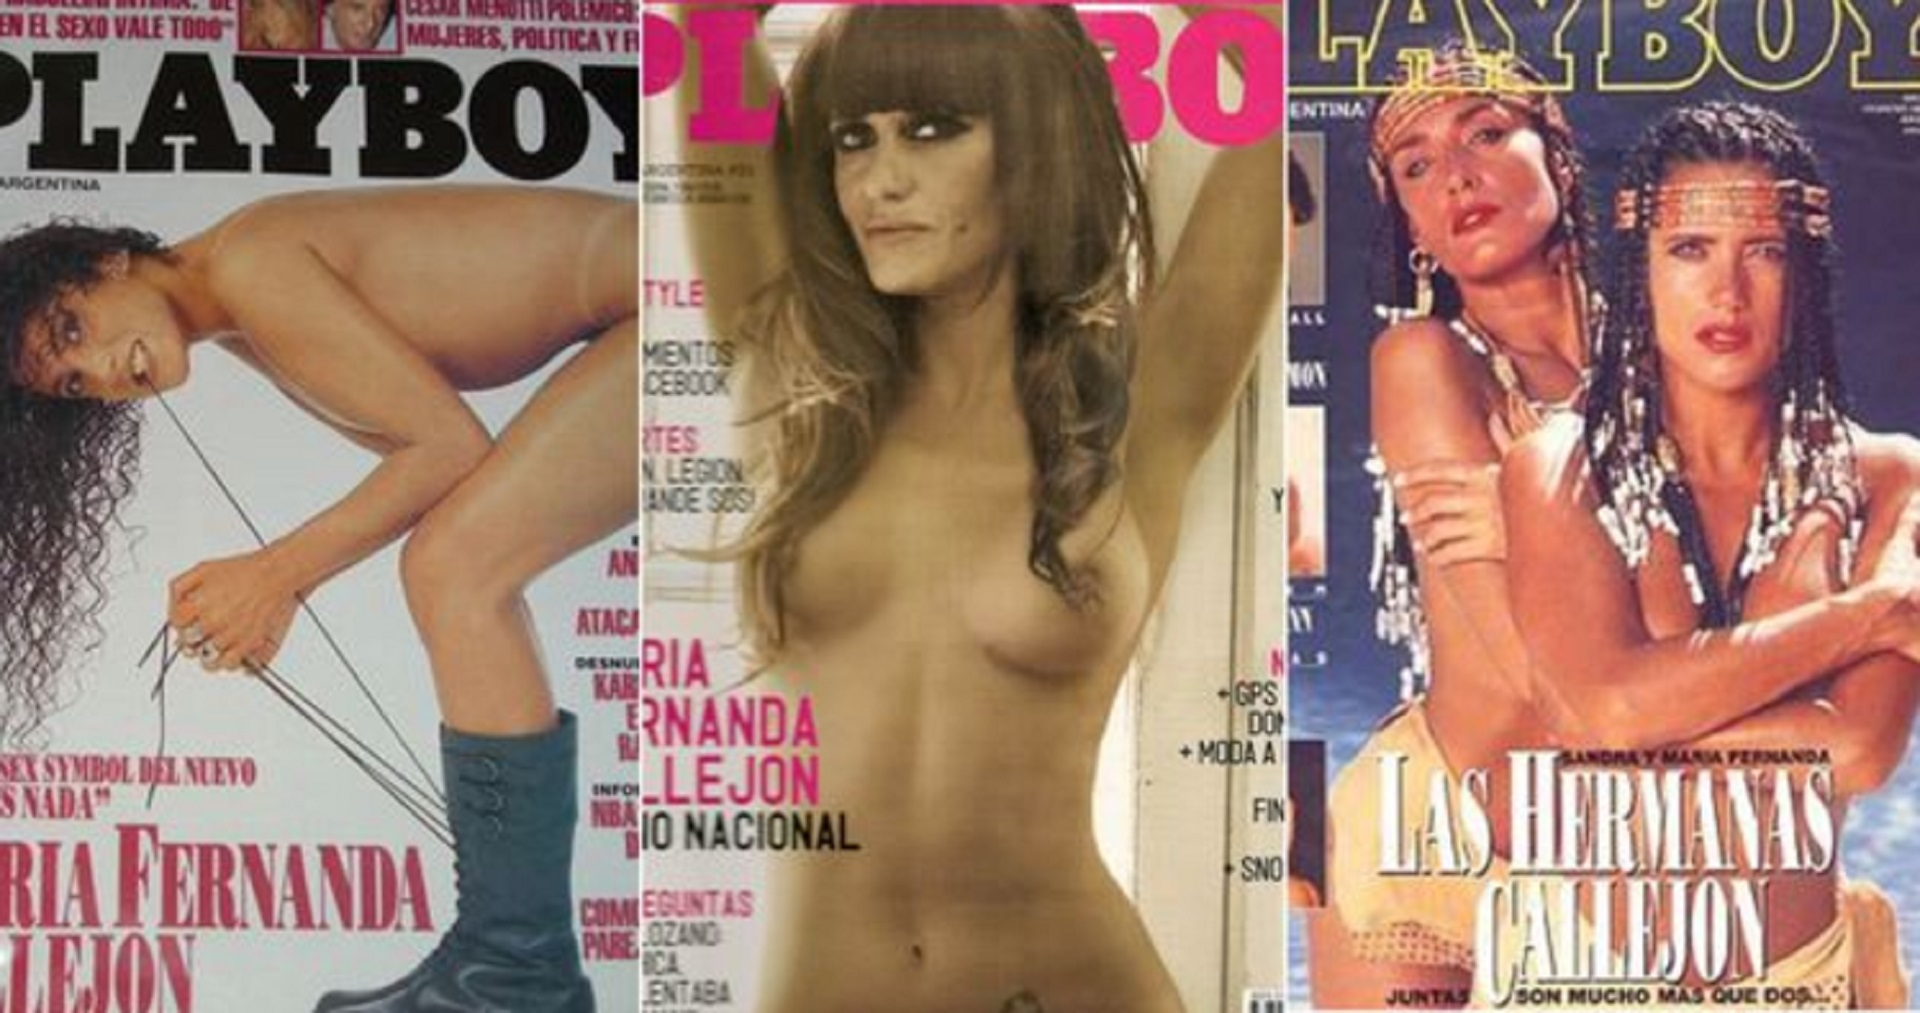 Tres de las seis tapas de Playboy que hizo María Fernanda Callejón